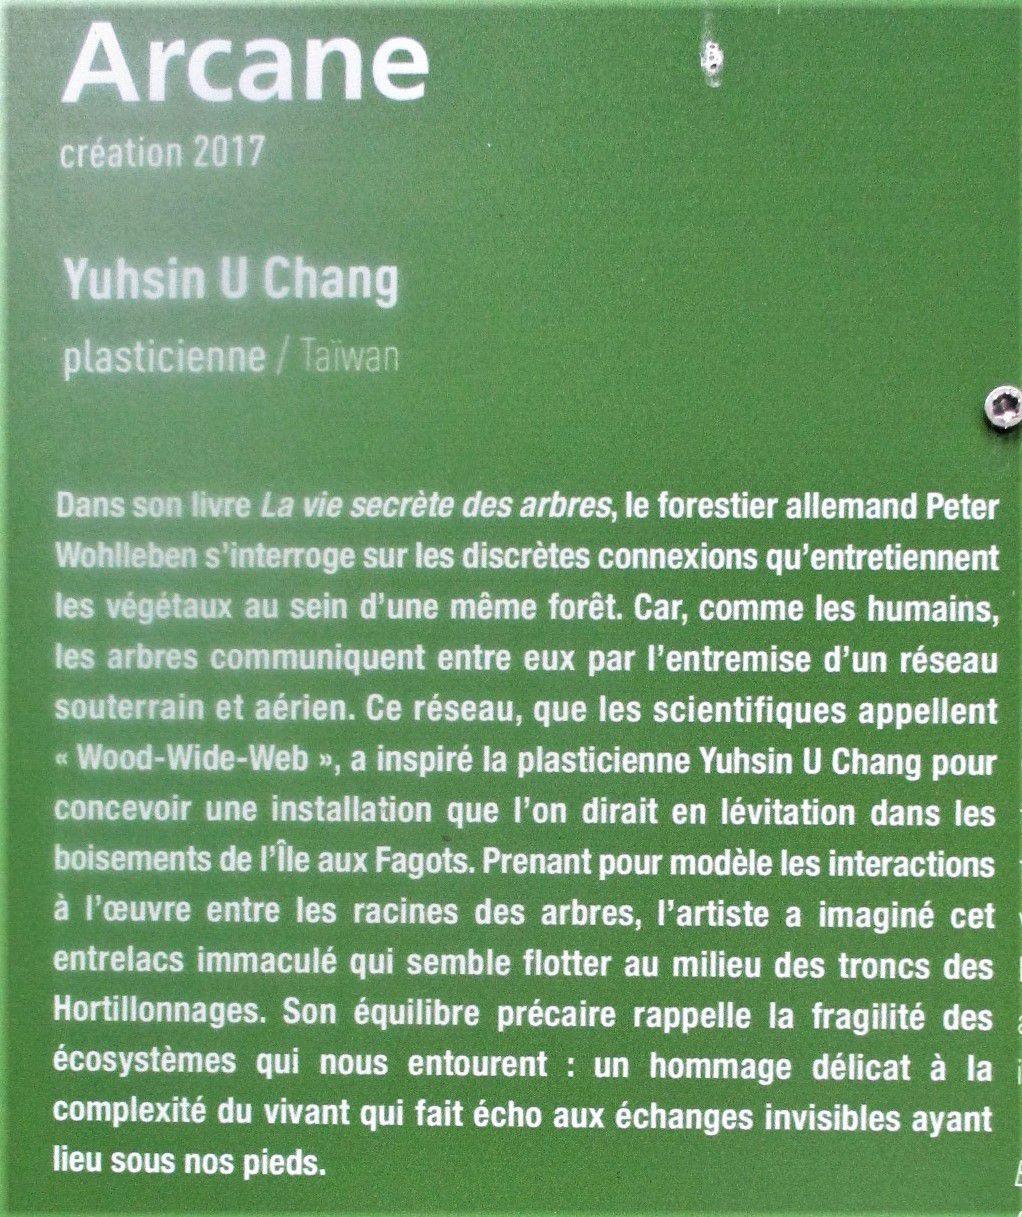 Amiens - Les hortillonnages